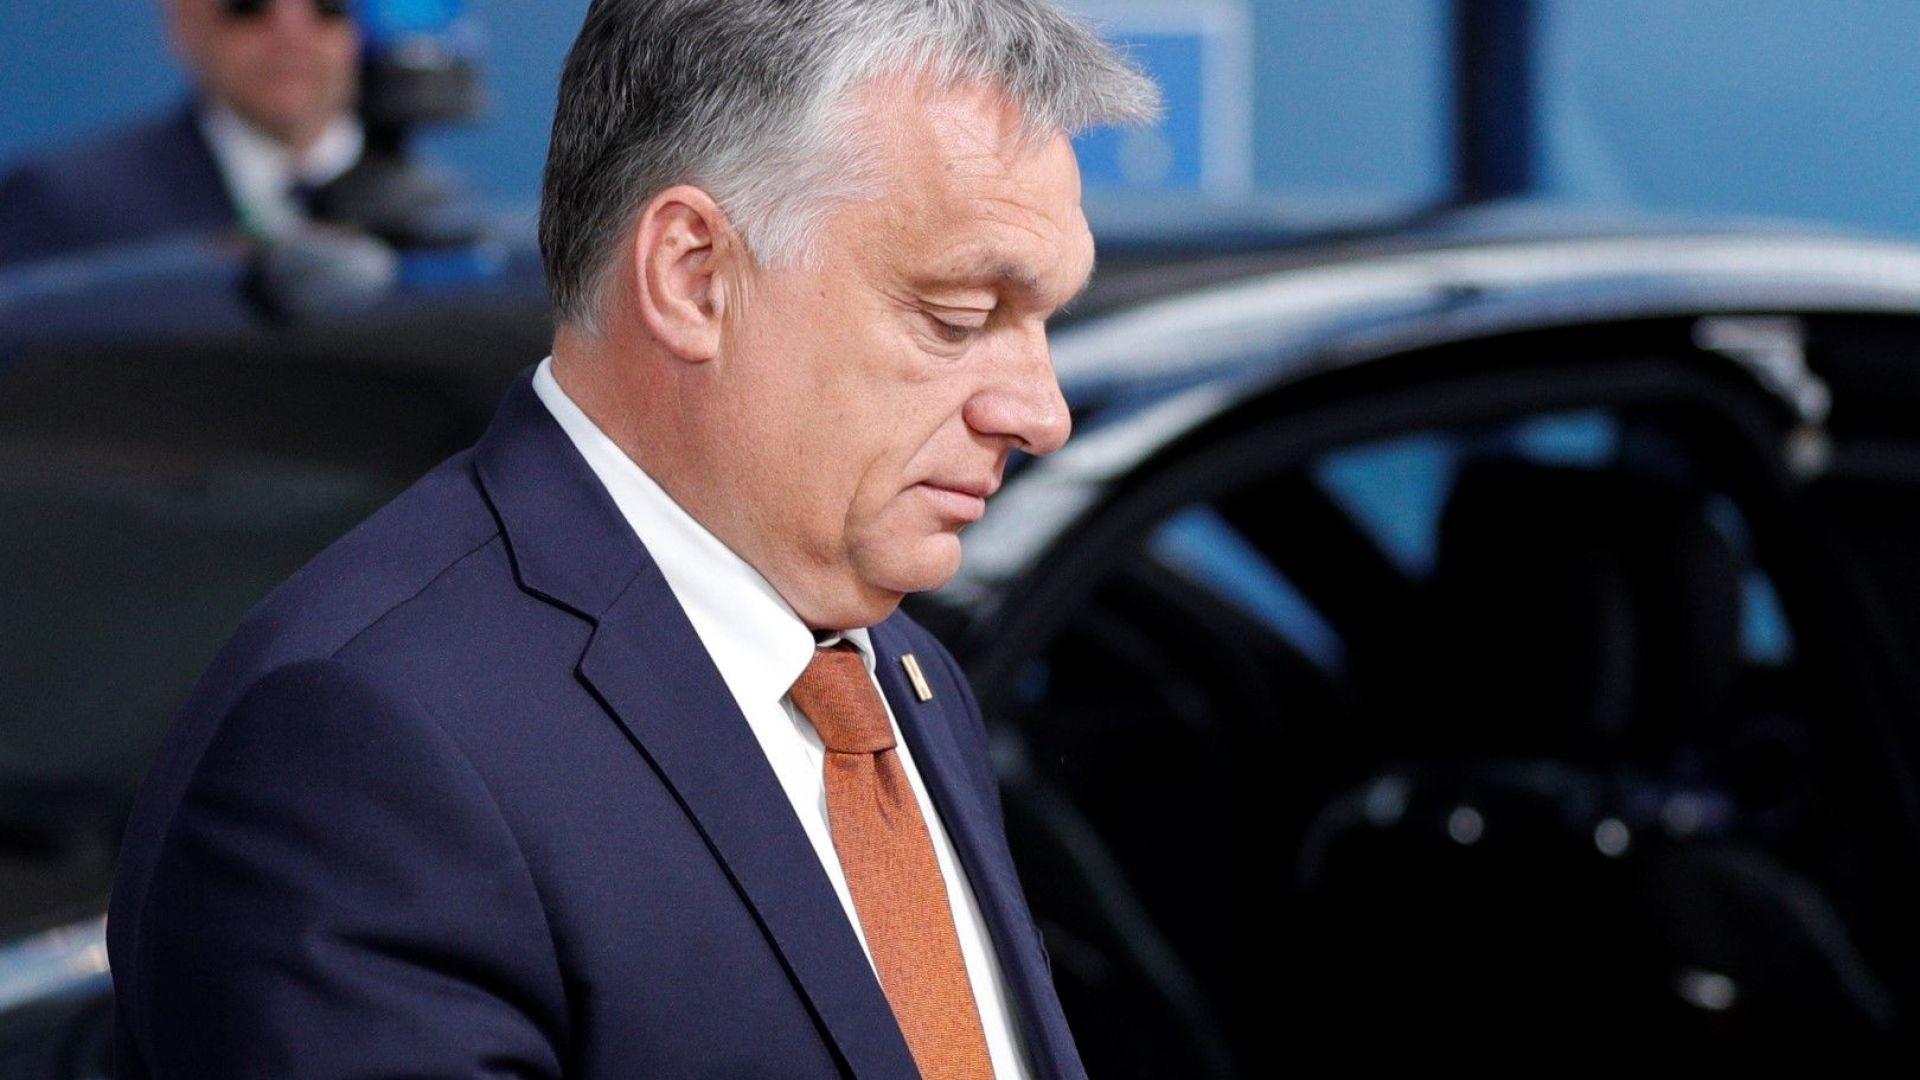 Орбан критикува ЕС заради миграционната политика, хвали унгарската икономика